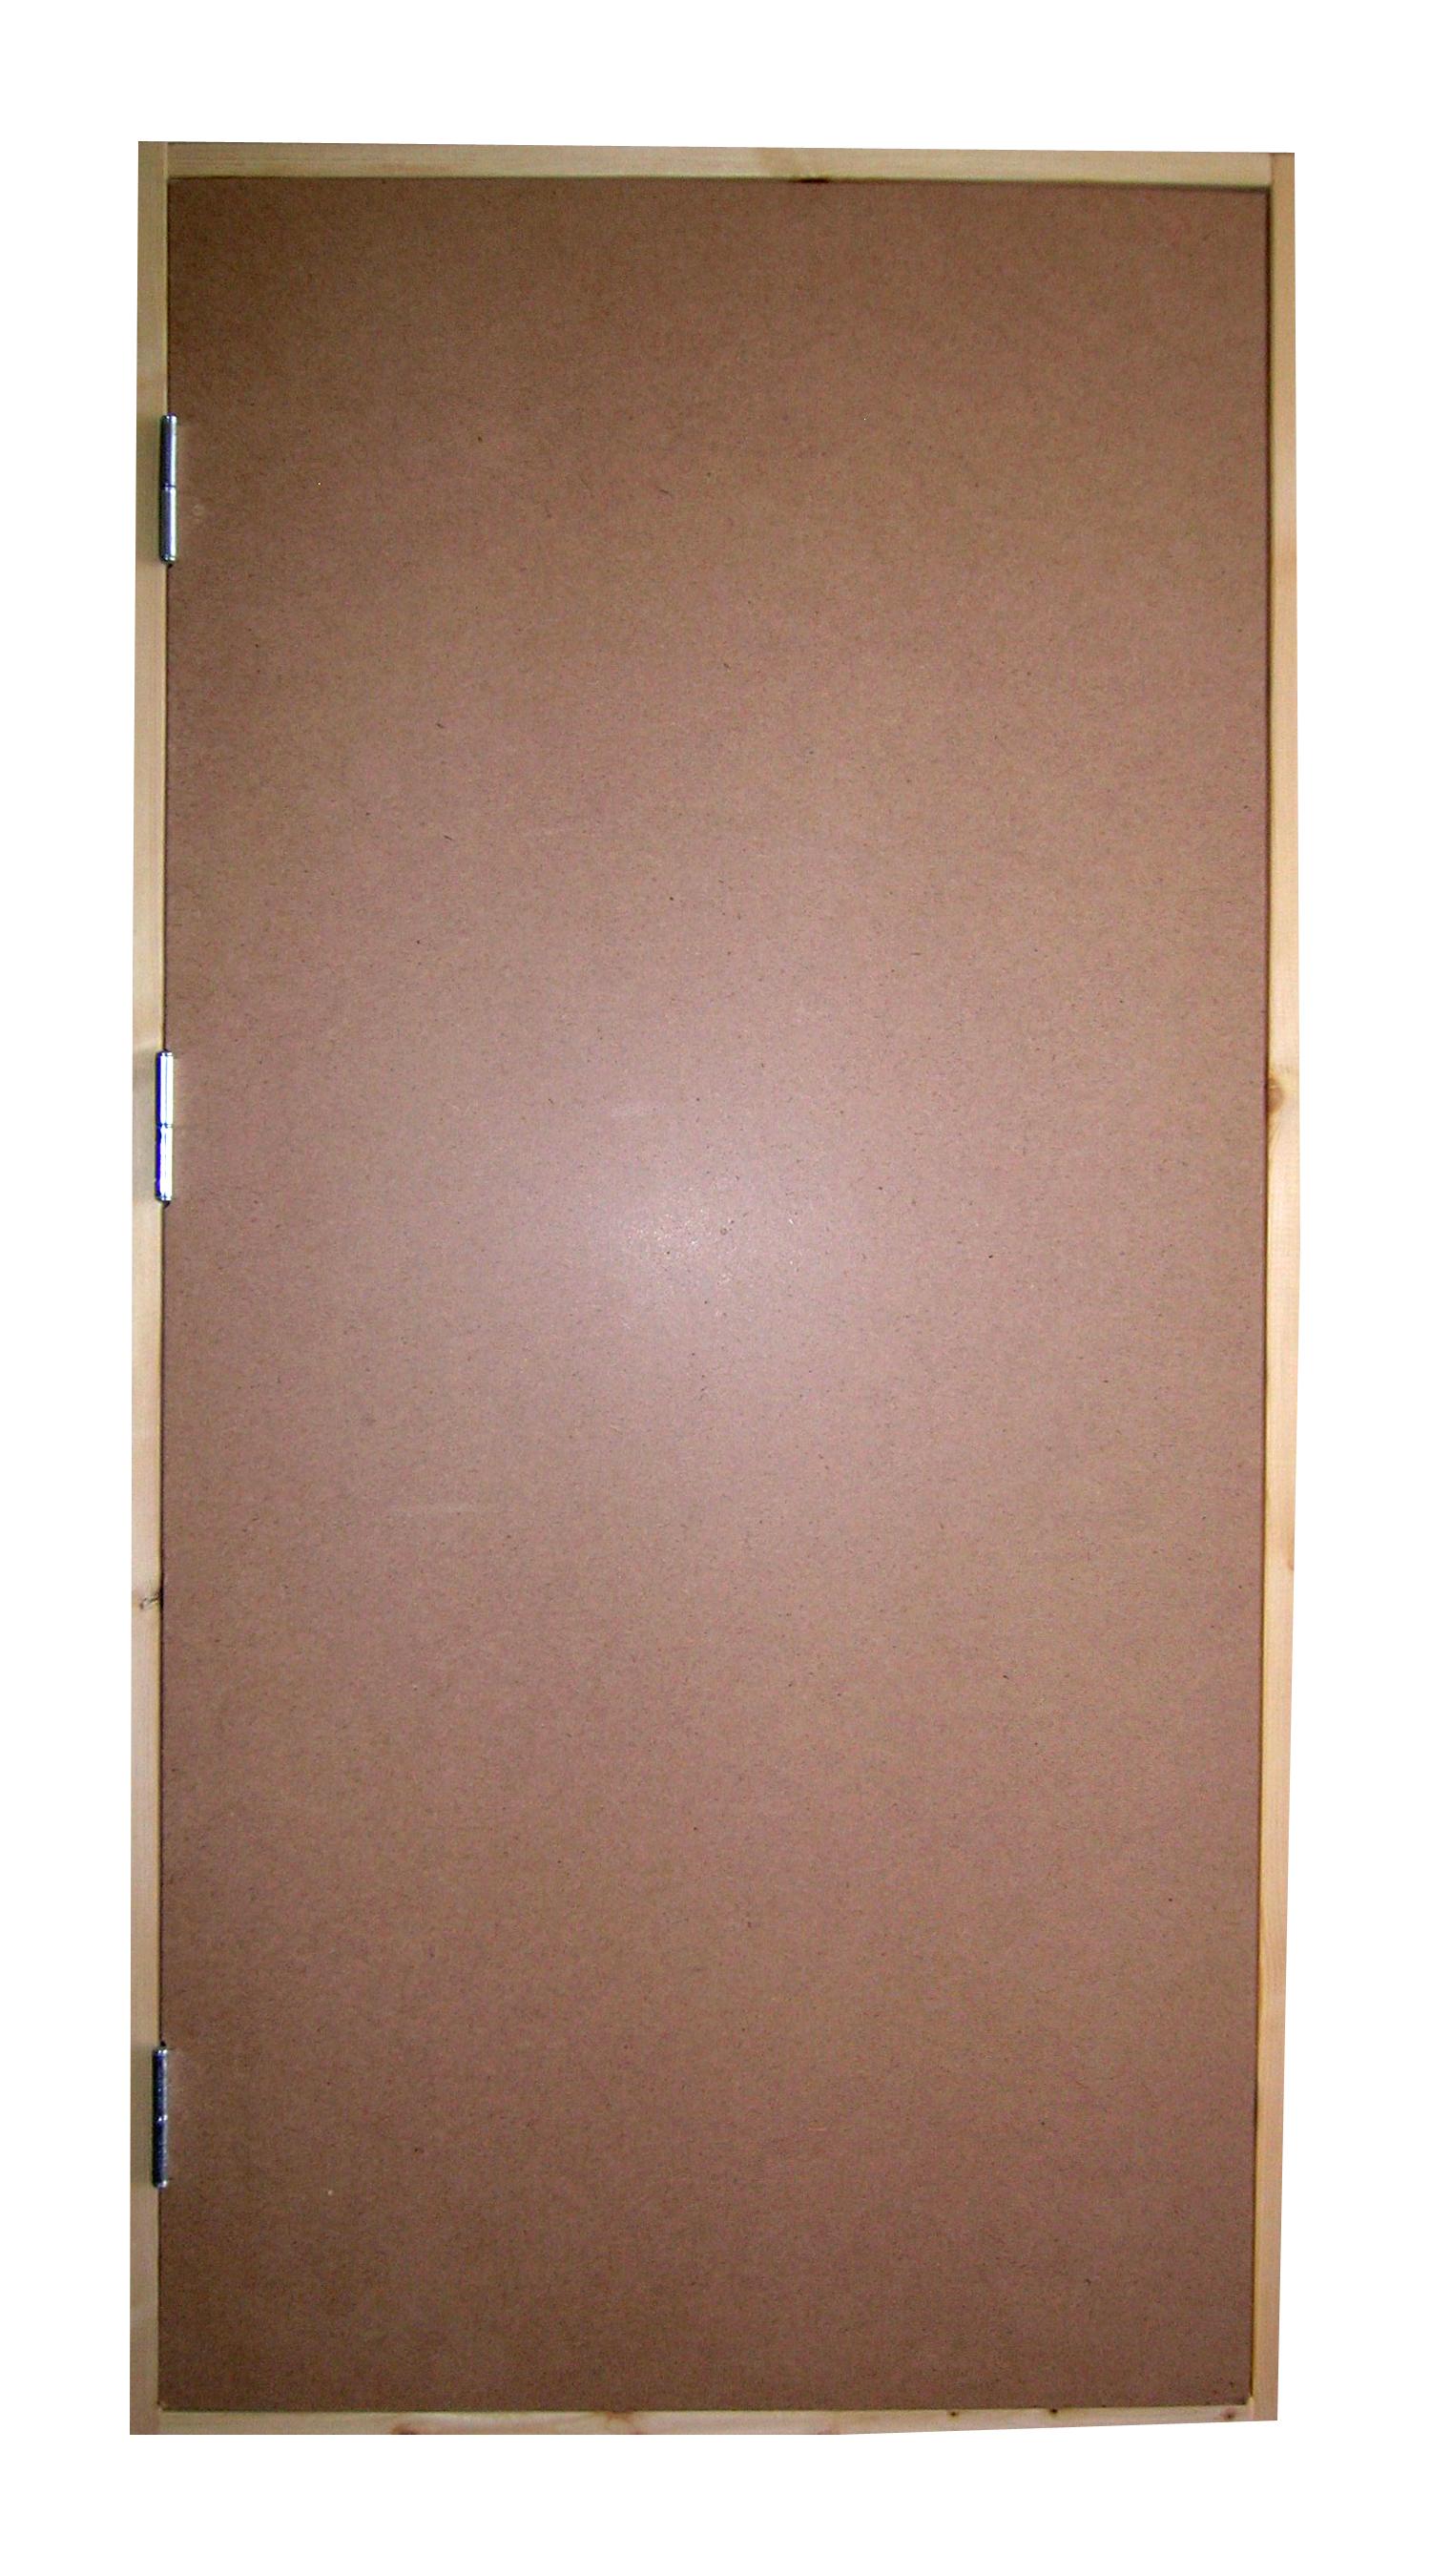 Гост 24698-81 на технические деревянные двери. Продажа технических.